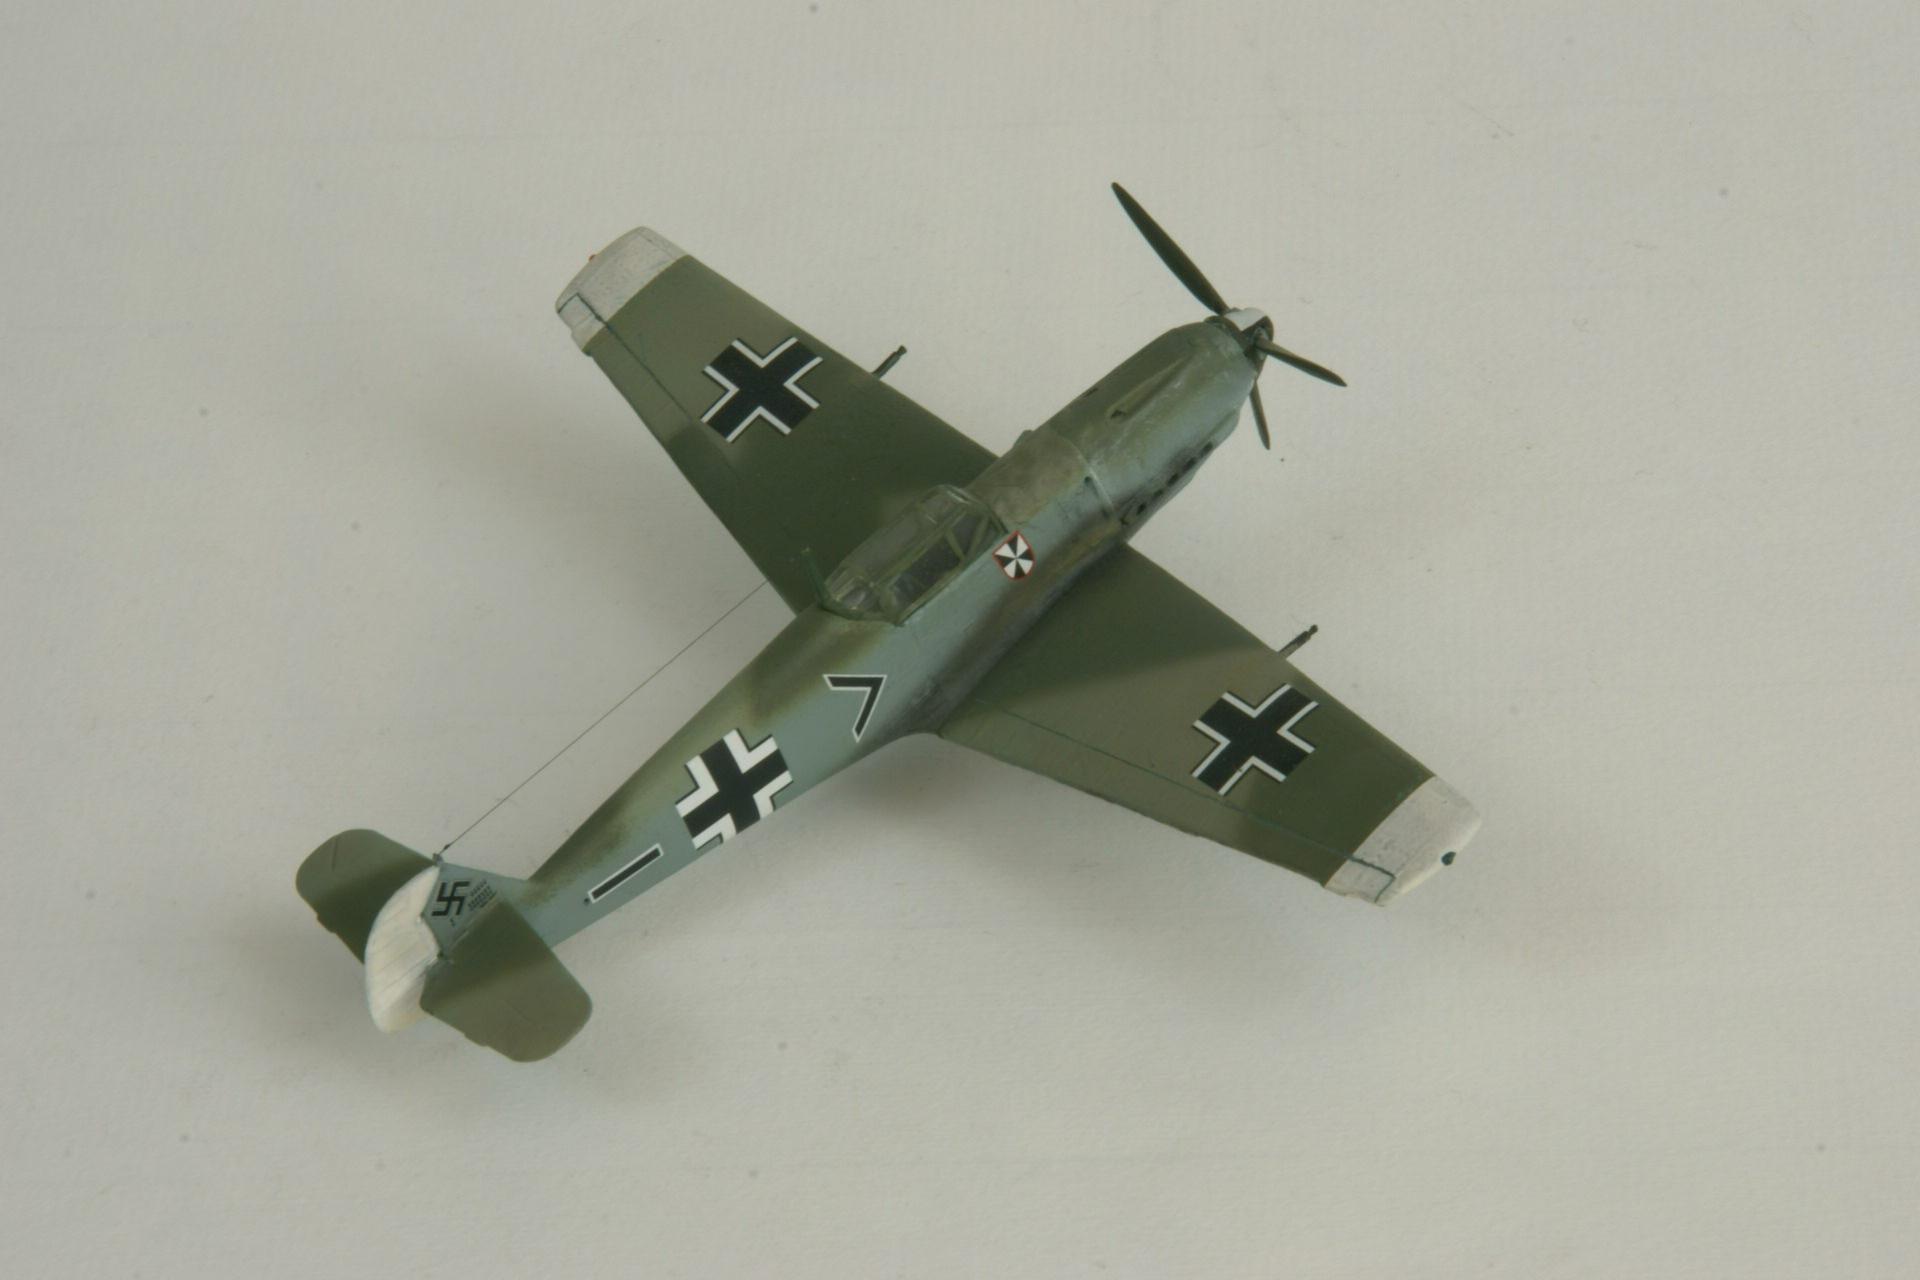 Messerschmitt 109e 4 7